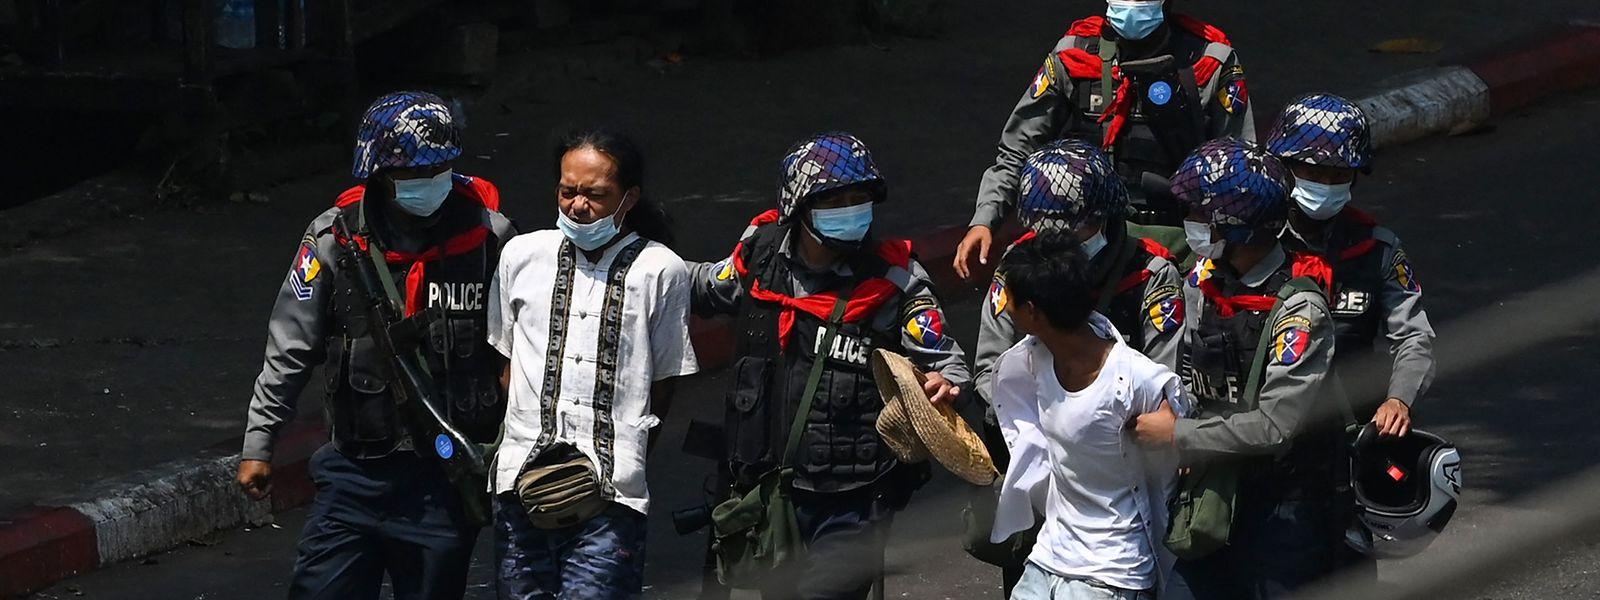 Nicht nur am Tag, sondern auch in der Nacht, werden Demonstranten von Myanmars Sicherheitskräften verschleppt.